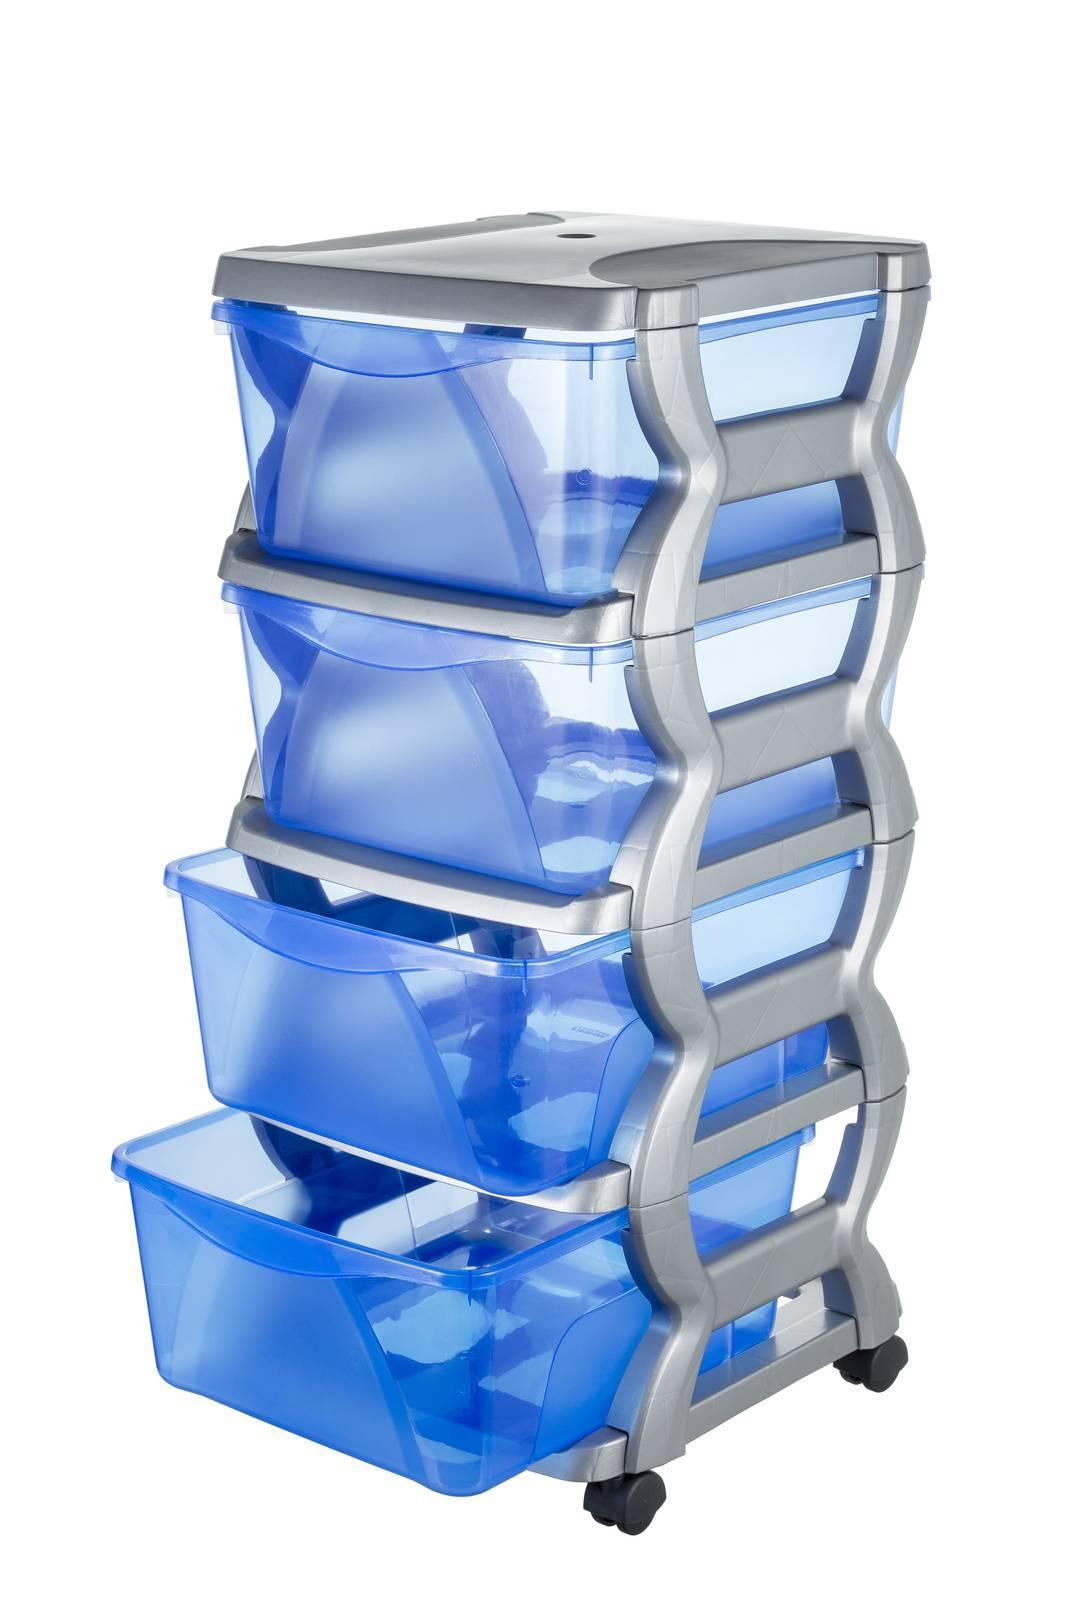 Cassettiere In Plastica Con Rotelle.Cassettiere Per L Esterno Contenere All Aperto Con Stile Cose Di Casa